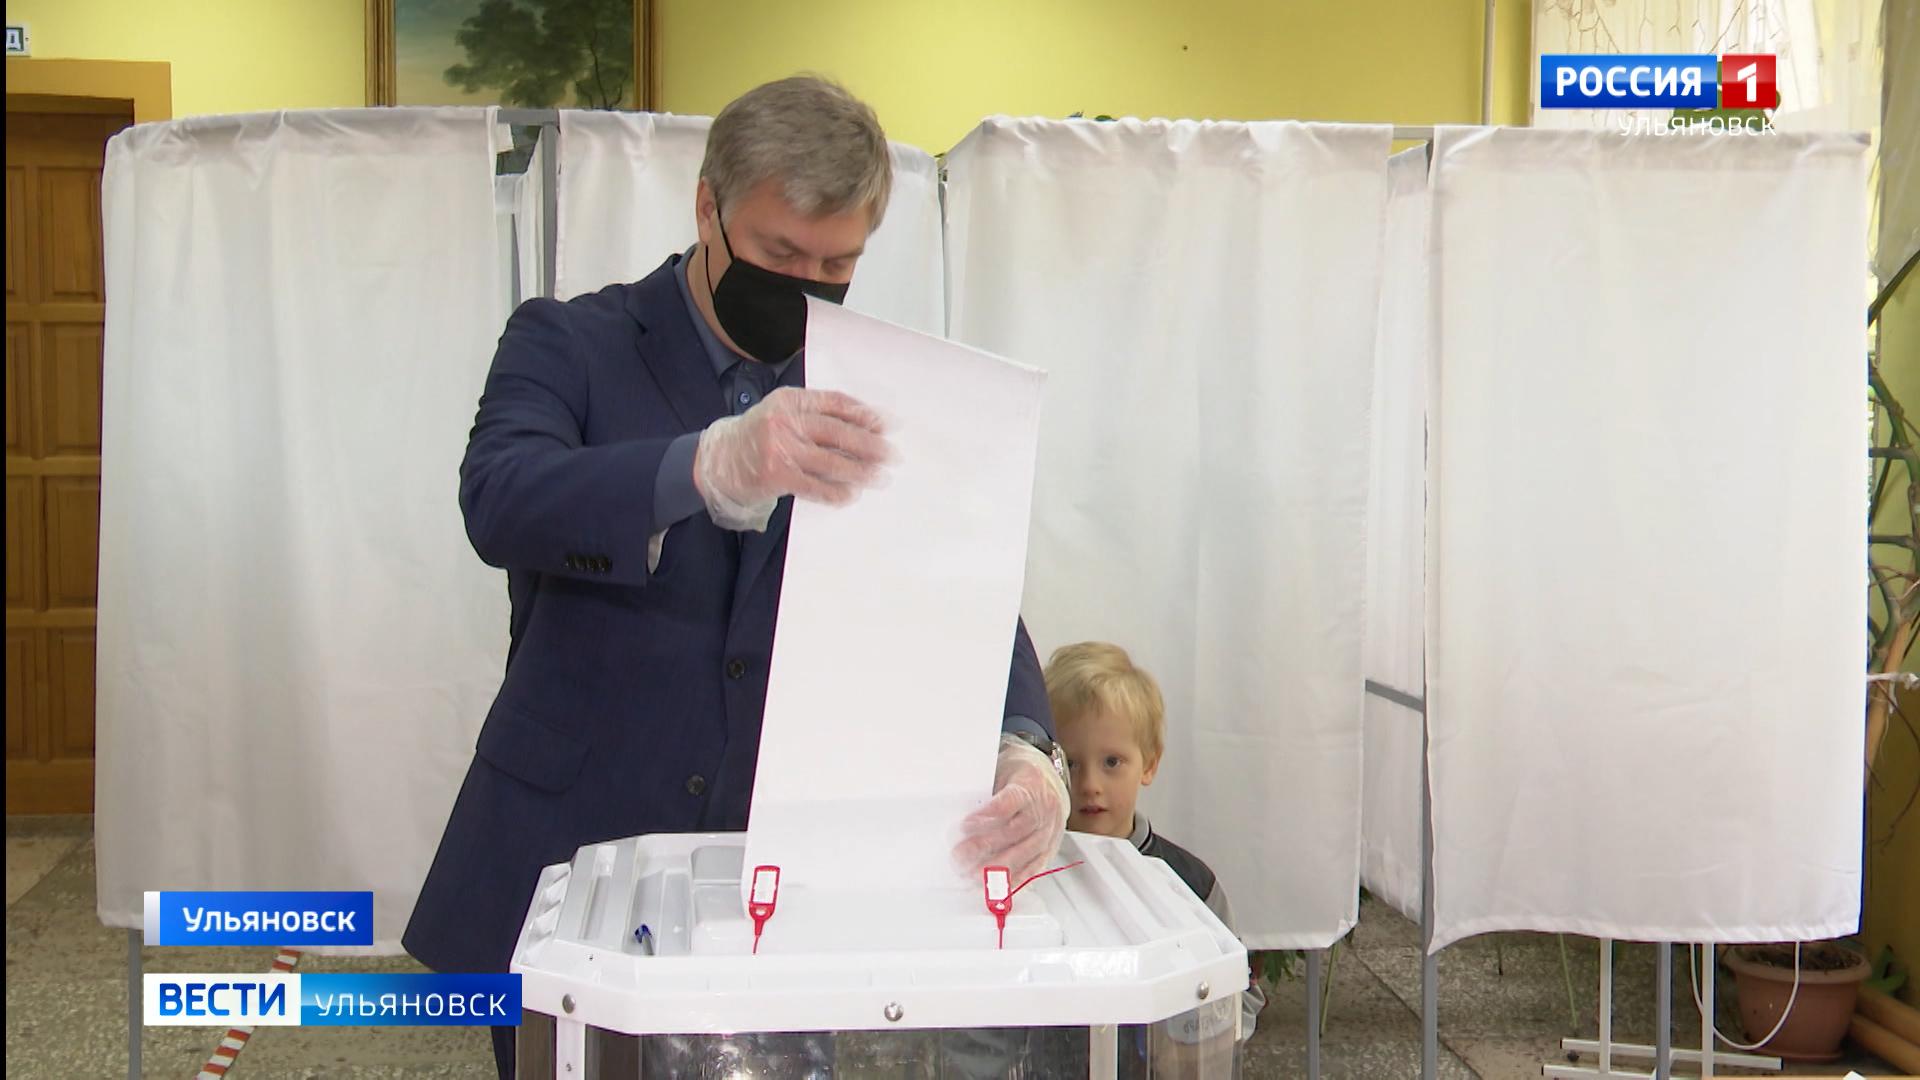 Русских голосует!